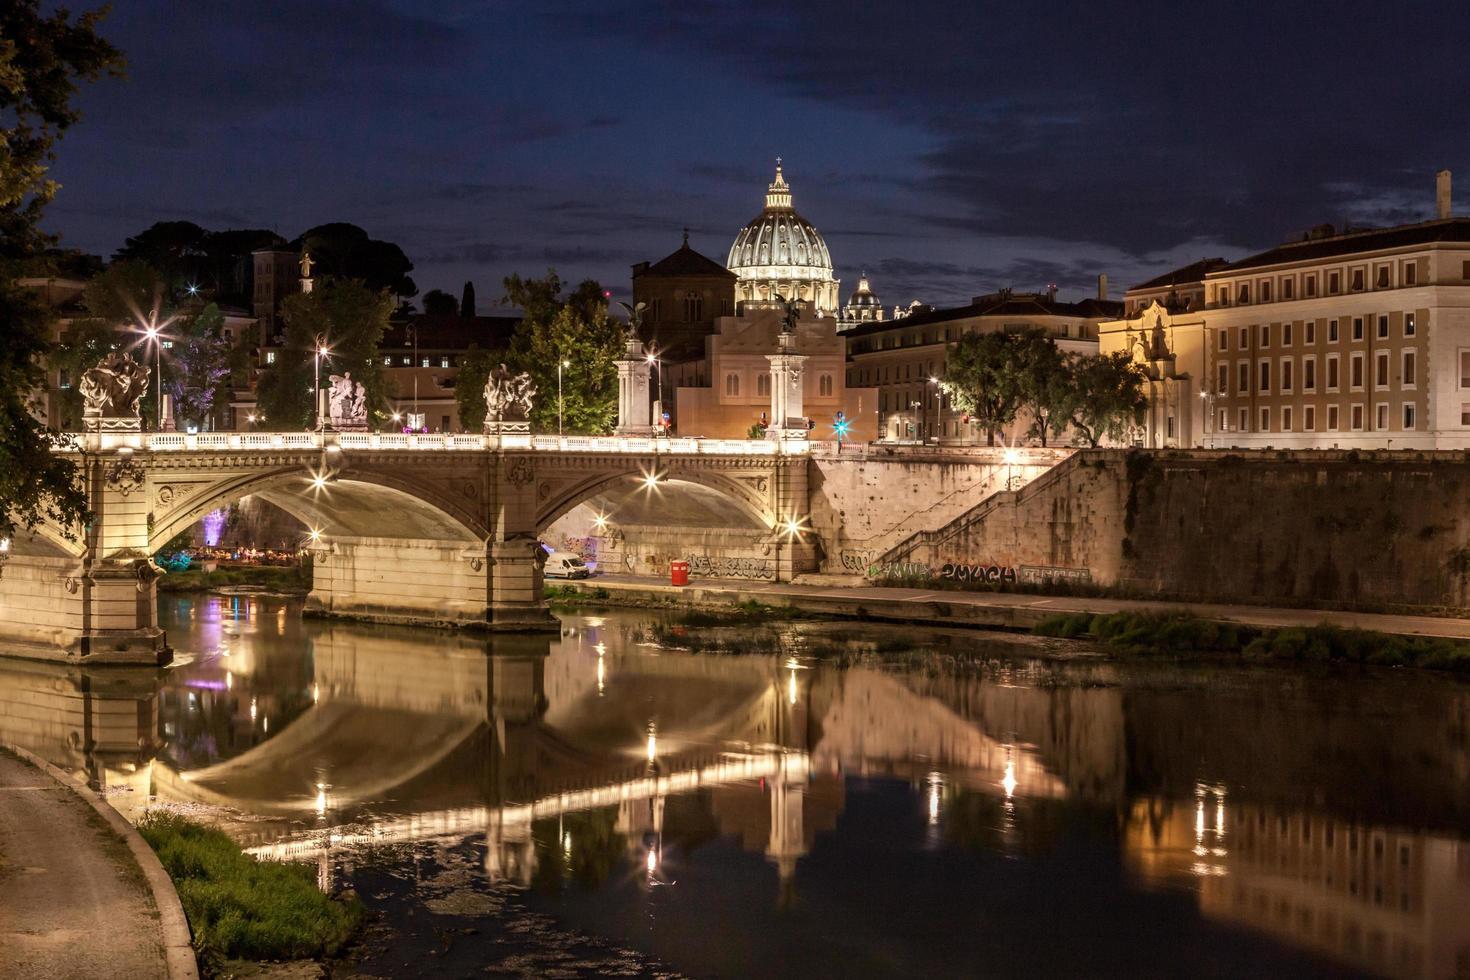 Rome, Italy, 2020 - Bridge at night photo